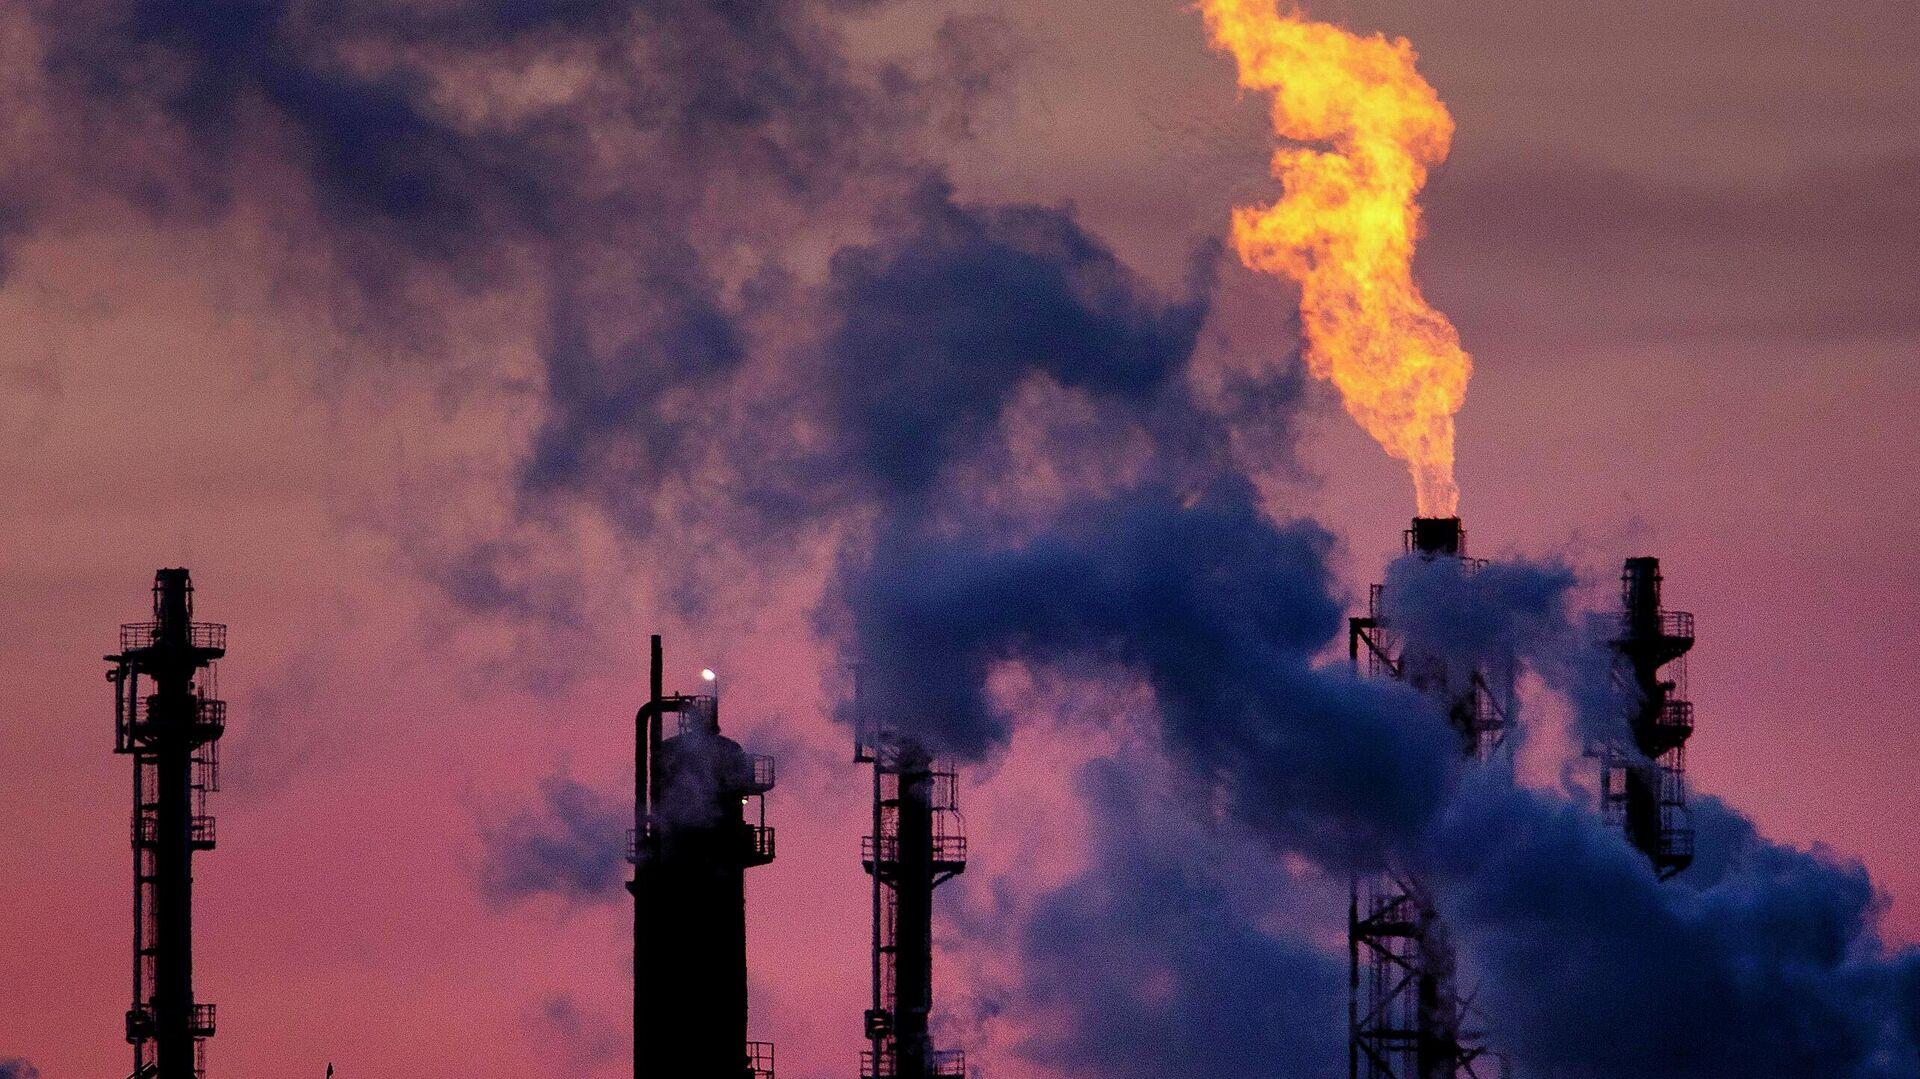 Химический комбинат компании BASF в Людвигсхафене, Германия - Sputnik Узбекистан, 1920, 21.09.2021